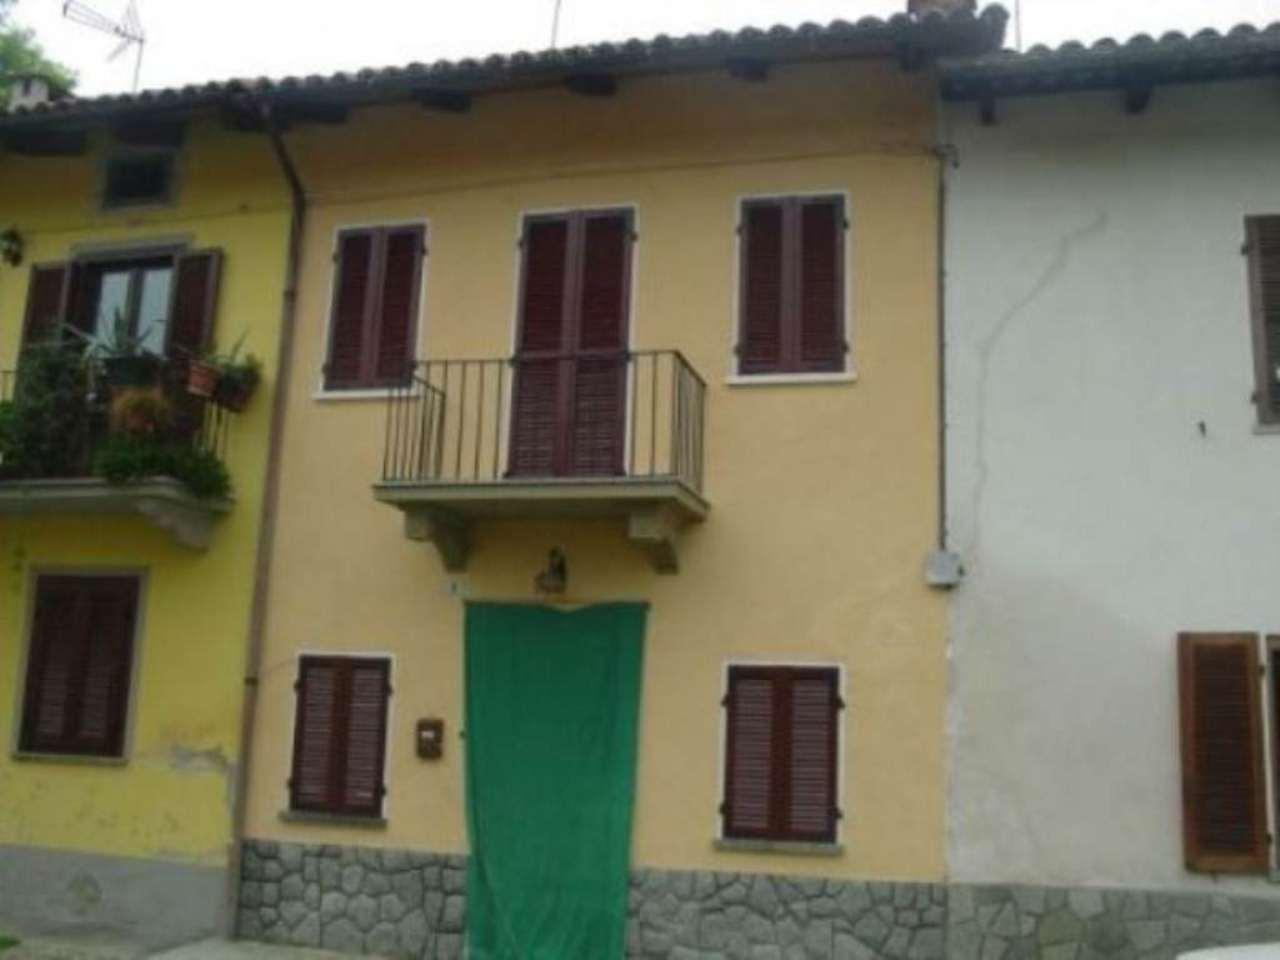 Rustico / Casale in vendita a Cortazzone, 5 locali, prezzo € 40.000 | Cambio Casa.it